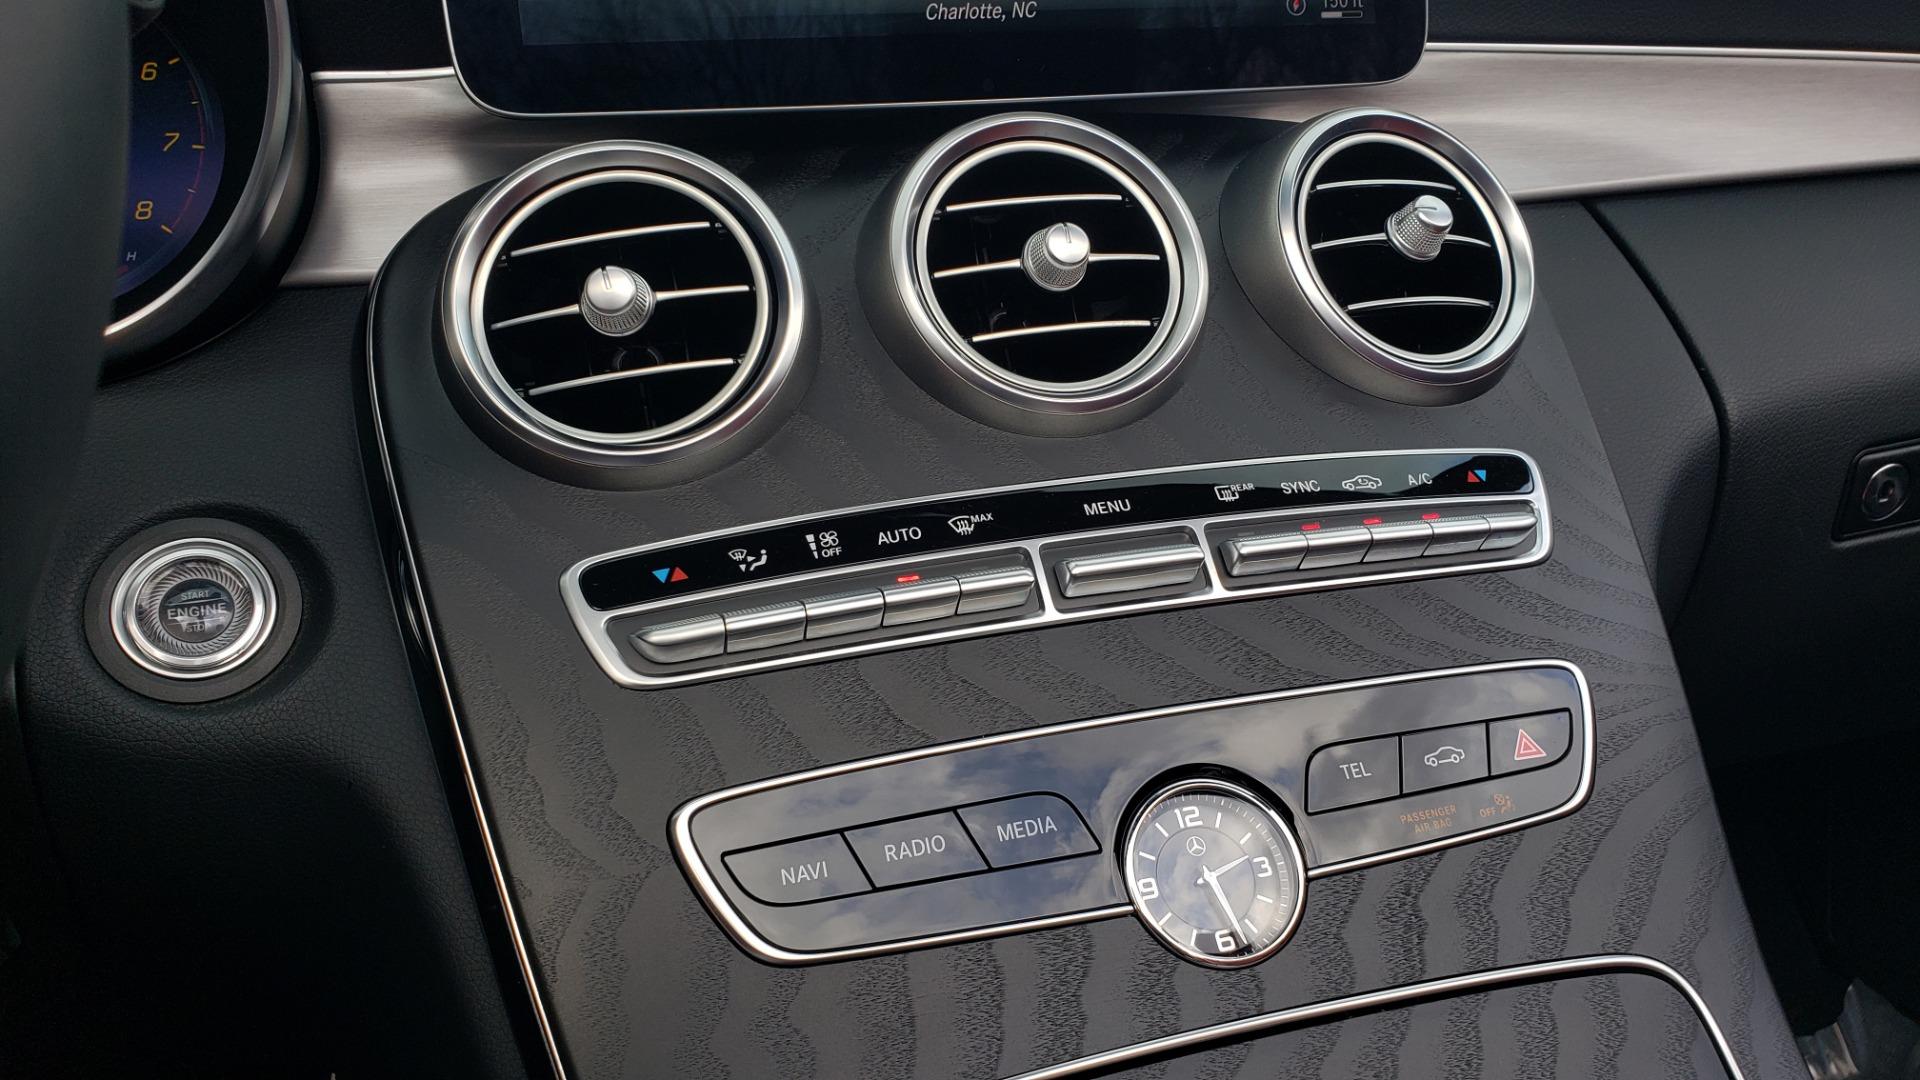 Used 2019 Mercedes-Benz C-CLASS C 300 CABRIOLET / PREM PKG / NAV / BURMESTER / MULTIMEDIA for sale $49,995 at Formula Imports in Charlotte NC 28227 48